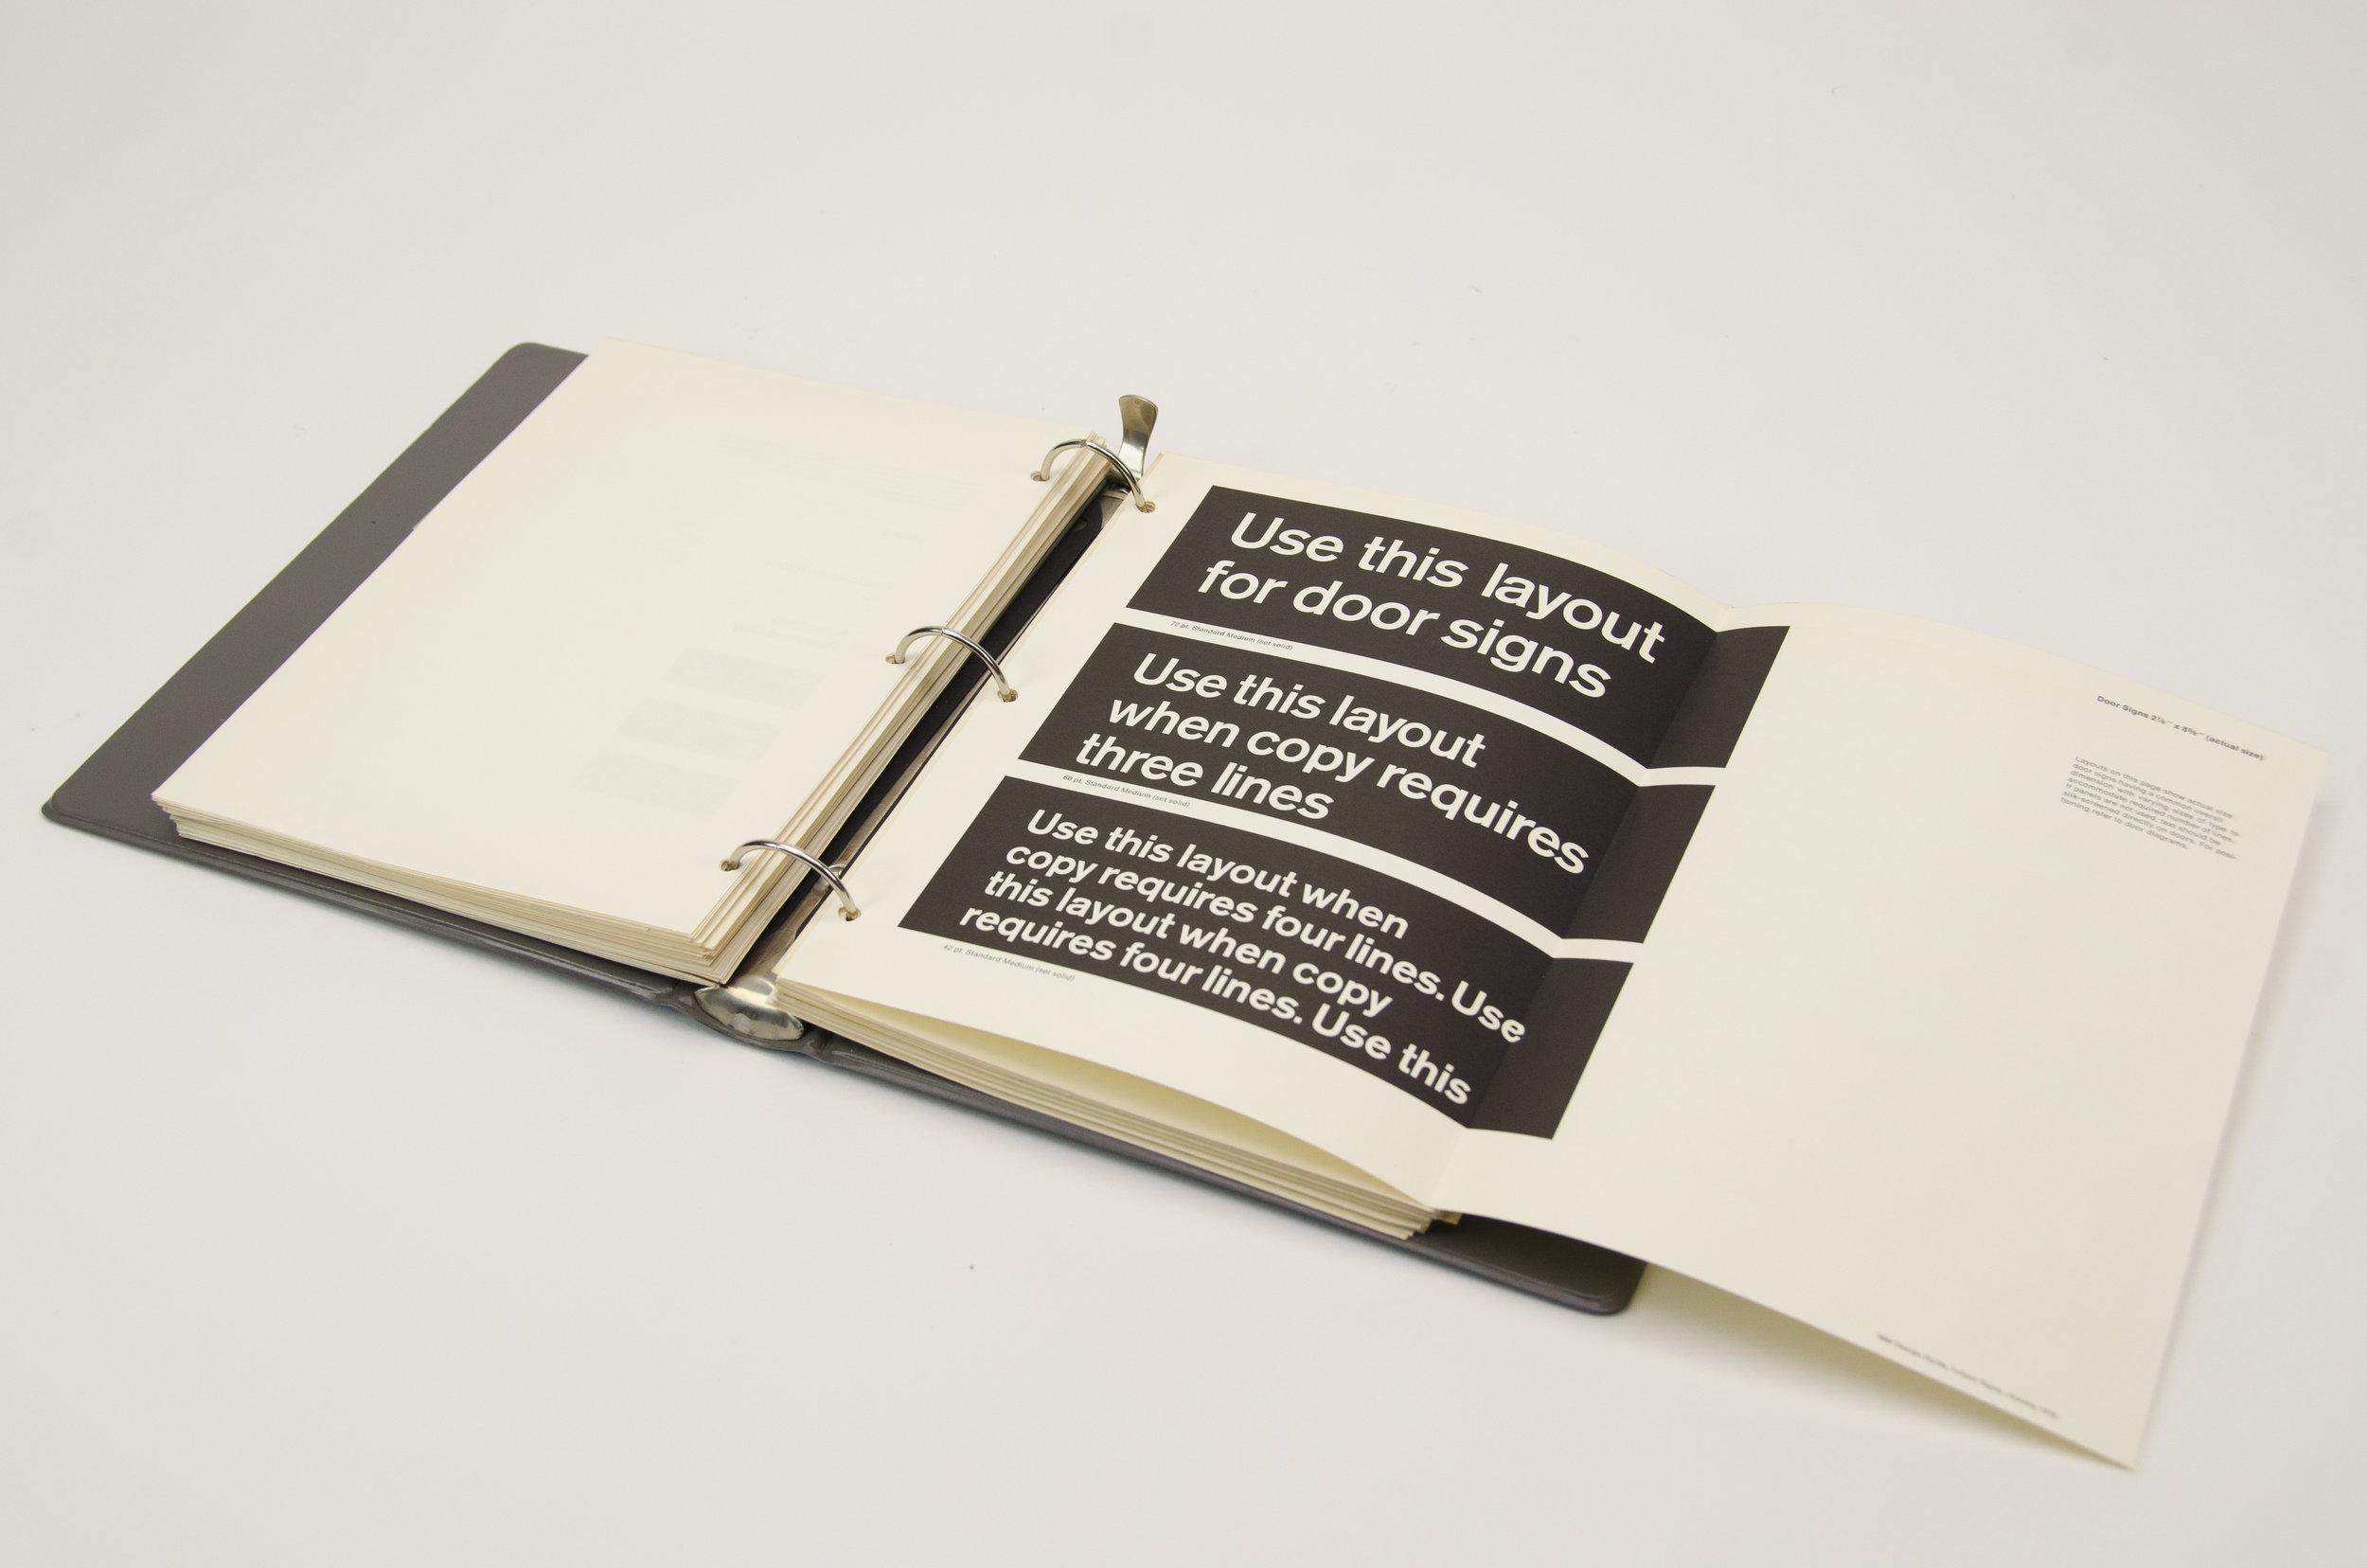 IBM_Design_Guide_1961_003.JPG